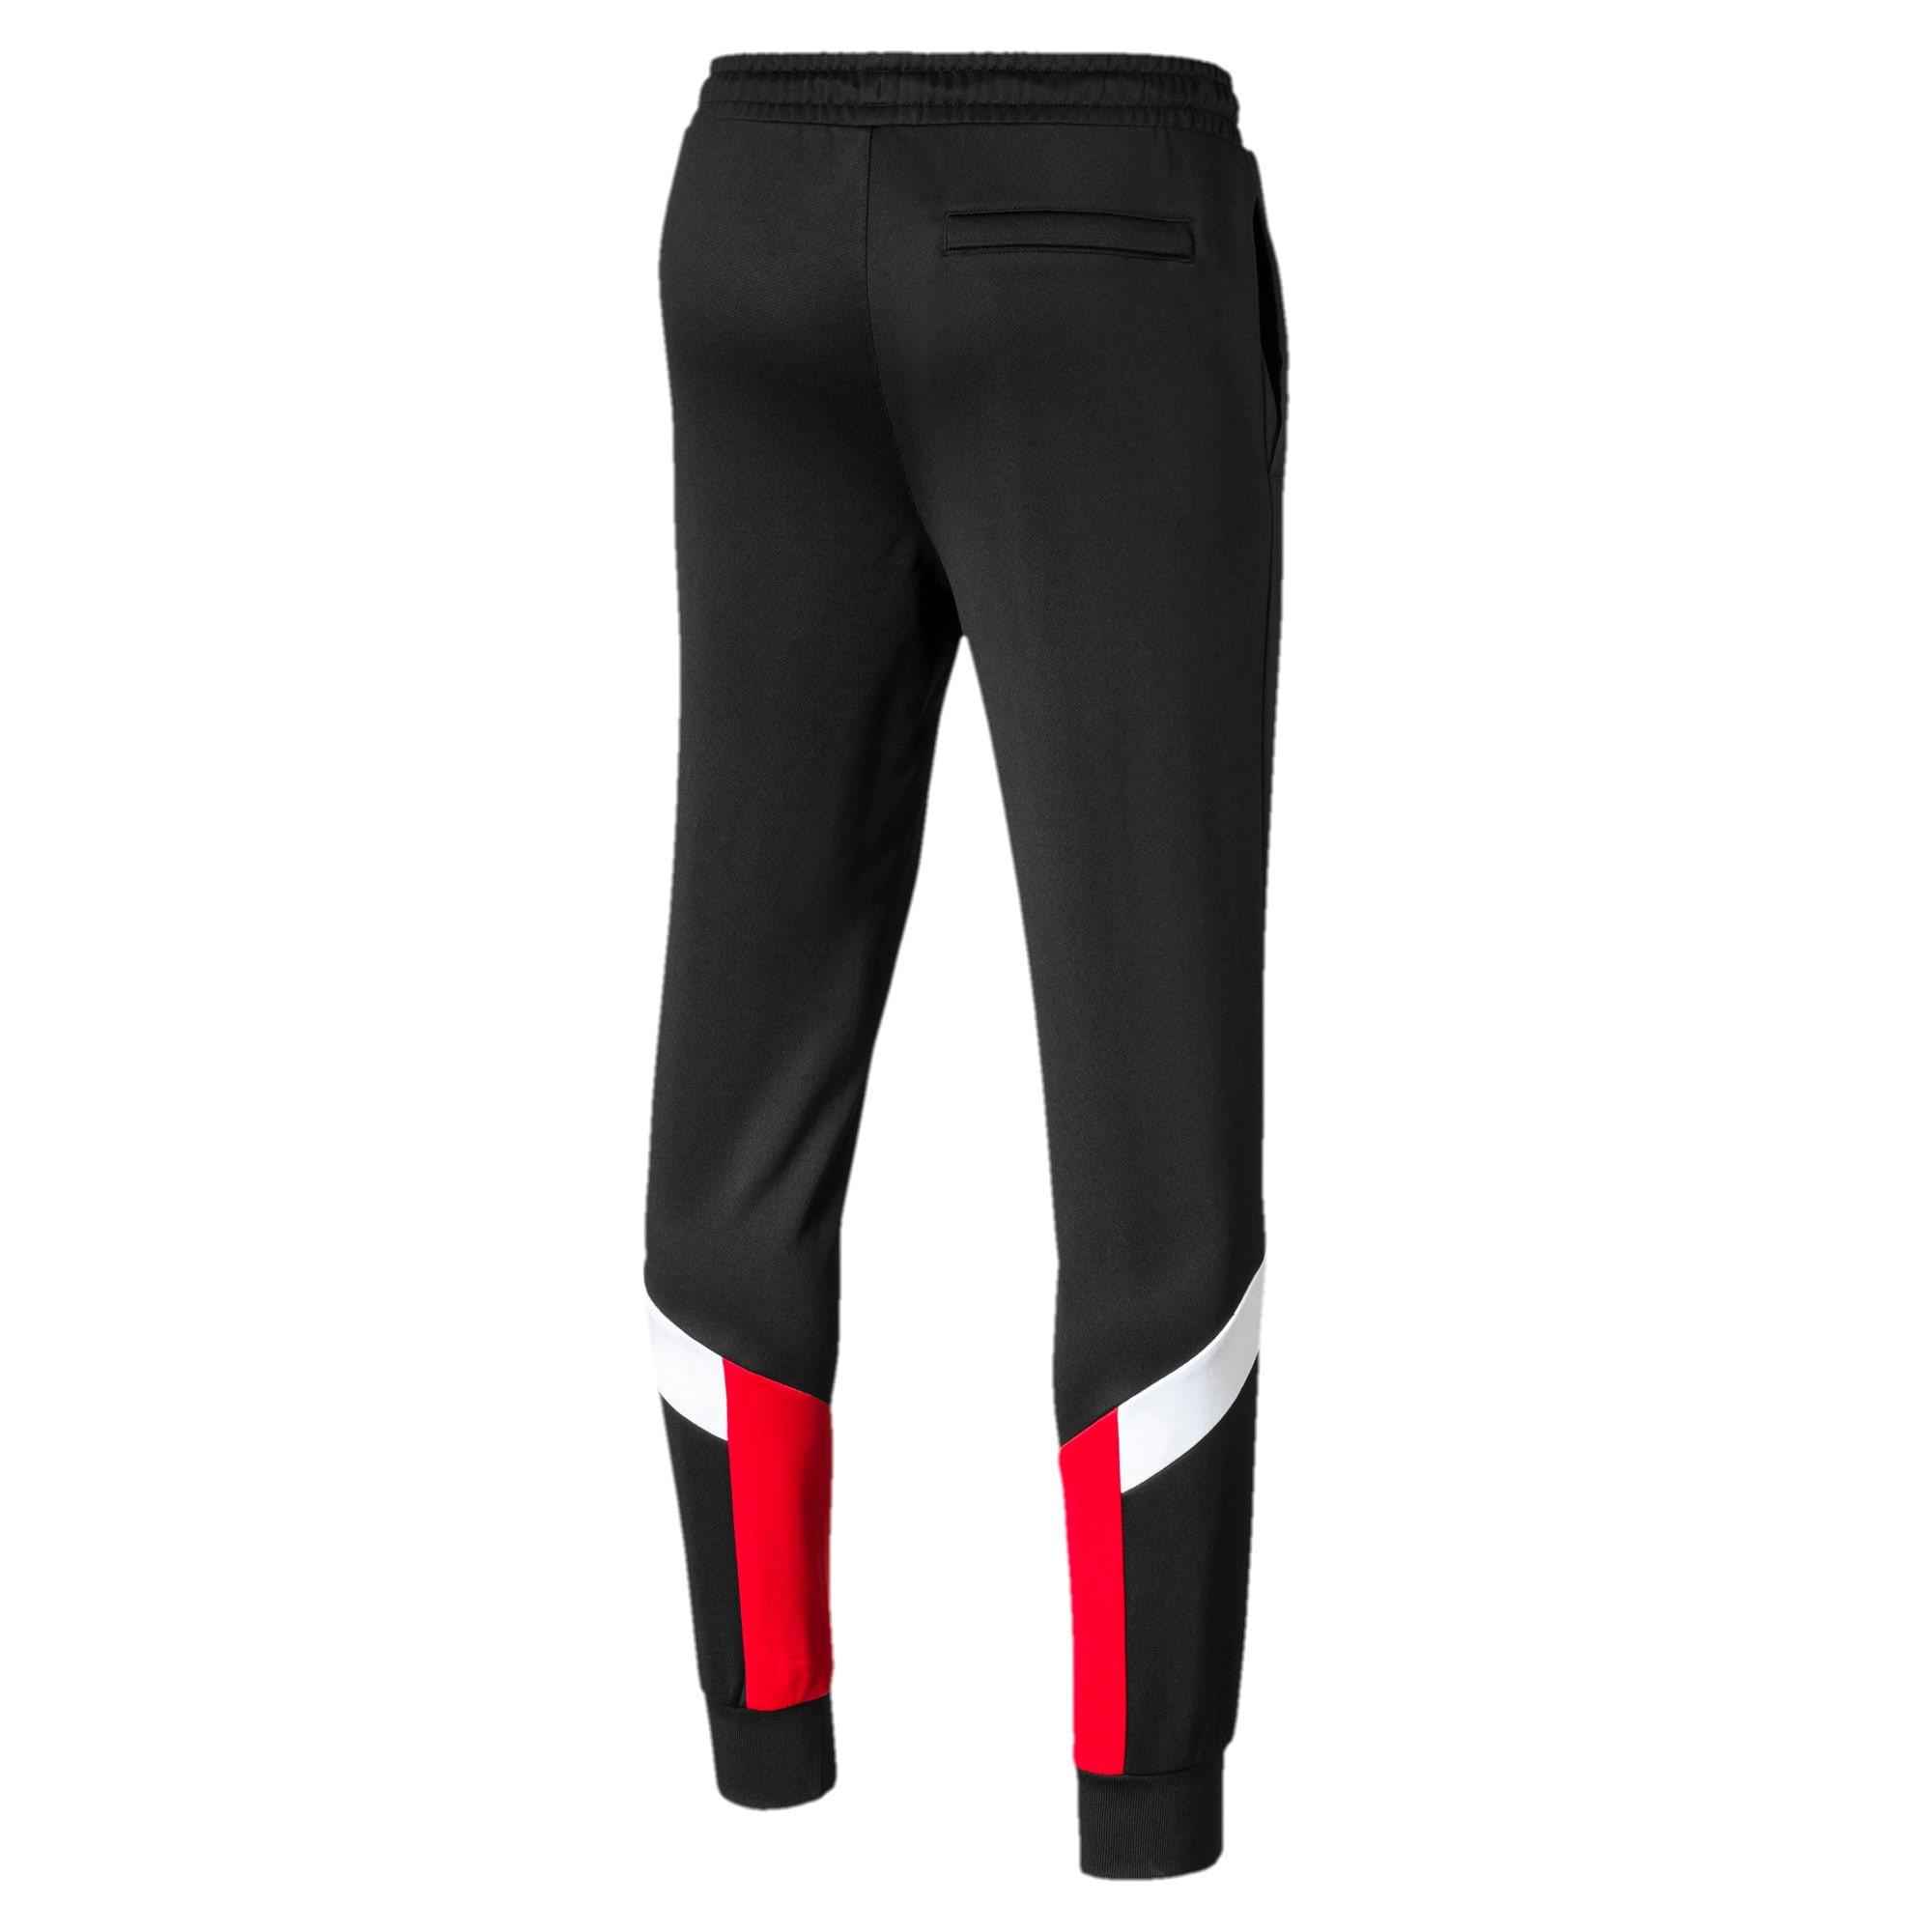 Thumbnail 5 of Iconic MCS Men's Track Pants, Puma Black-Red combo, medium